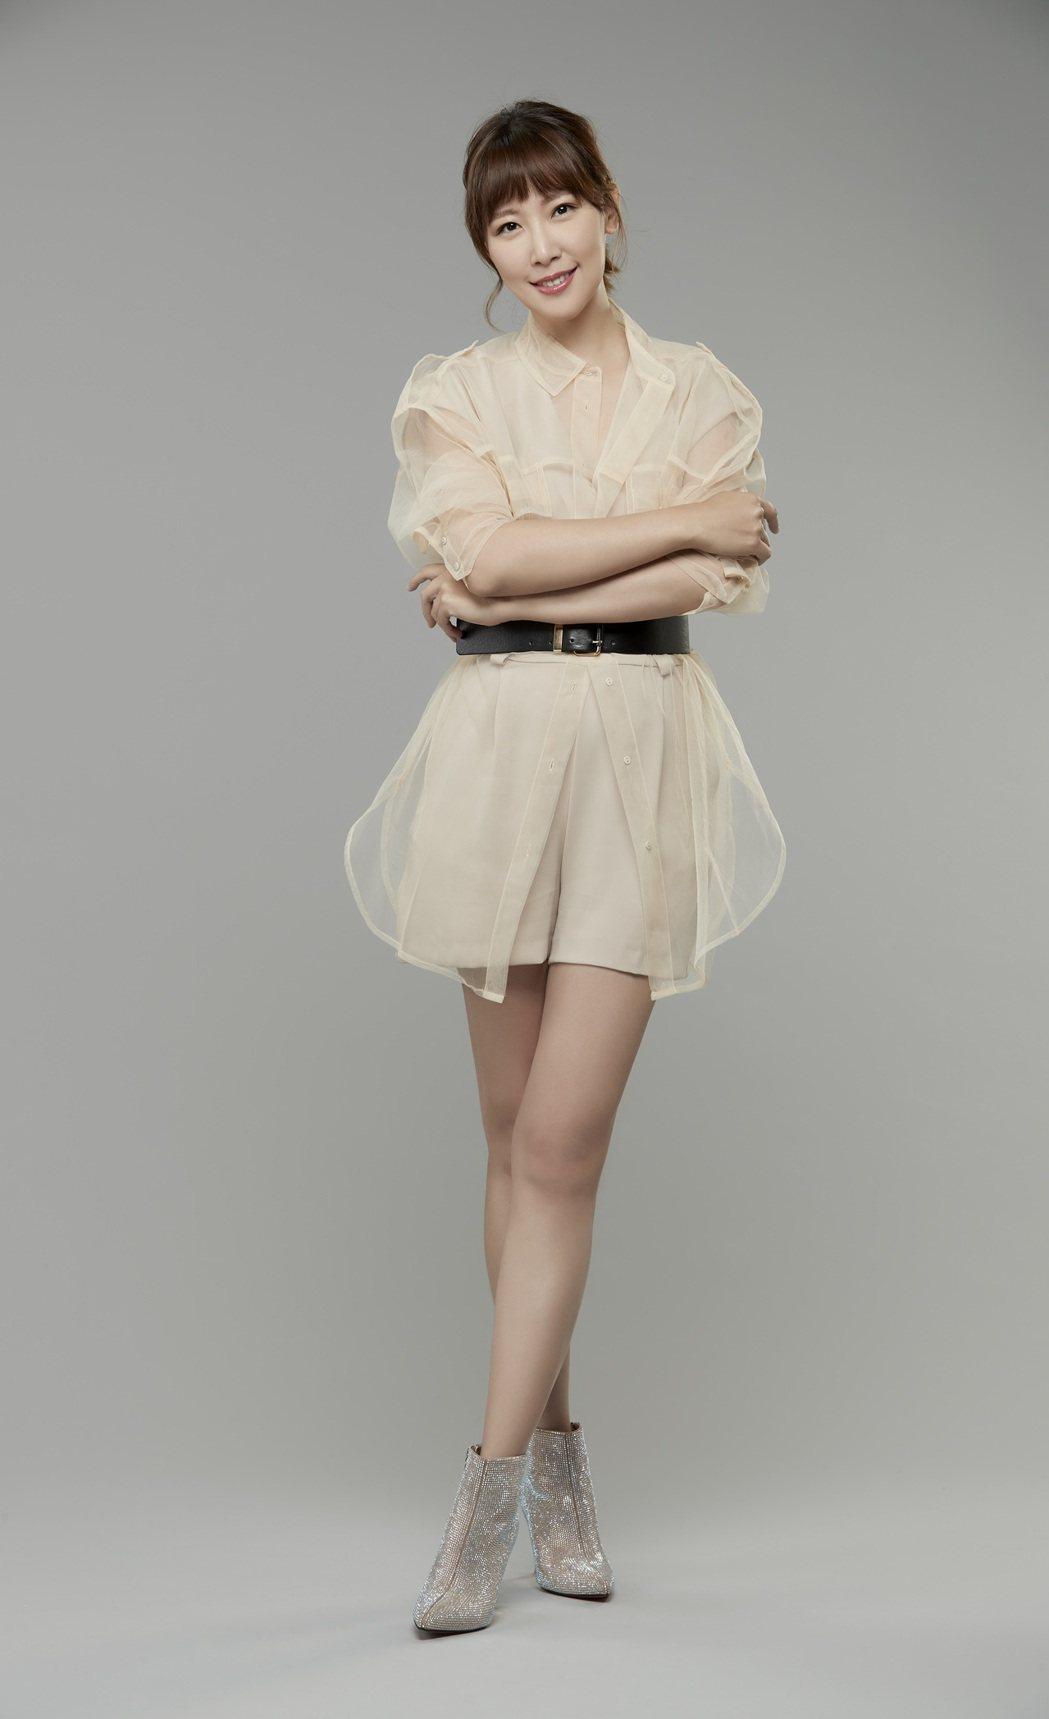 李懿從事模特兒工作8年後,轉型綜藝。圖/伊林娛樂提供